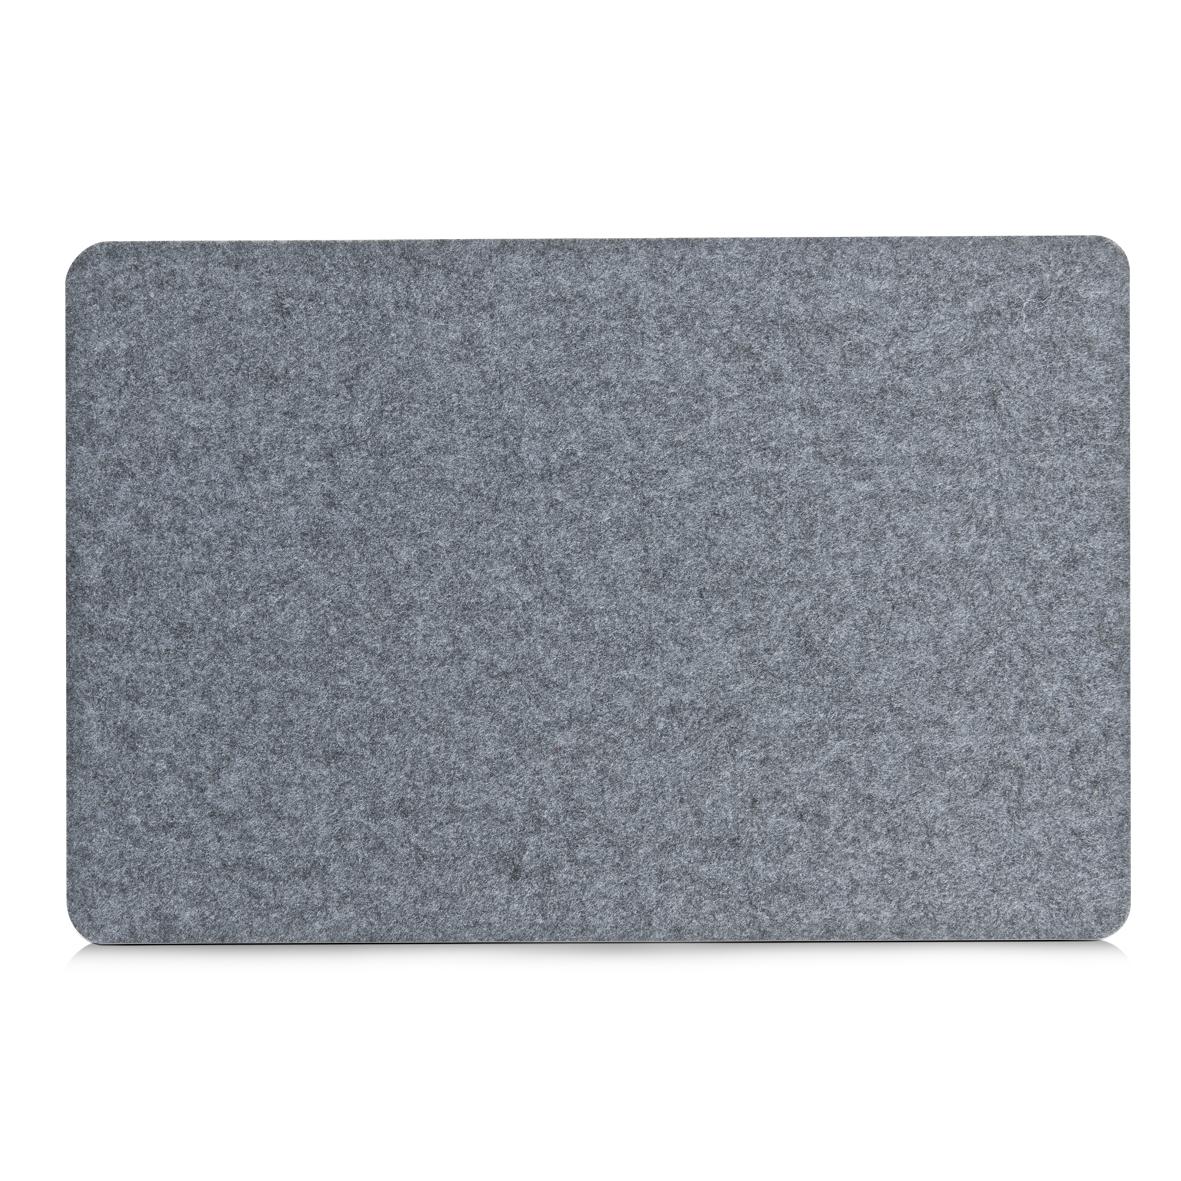 tischset filz platzset platzmatte platz tisch set decke tischmatte tisch matte ebay. Black Bedroom Furniture Sets. Home Design Ideas